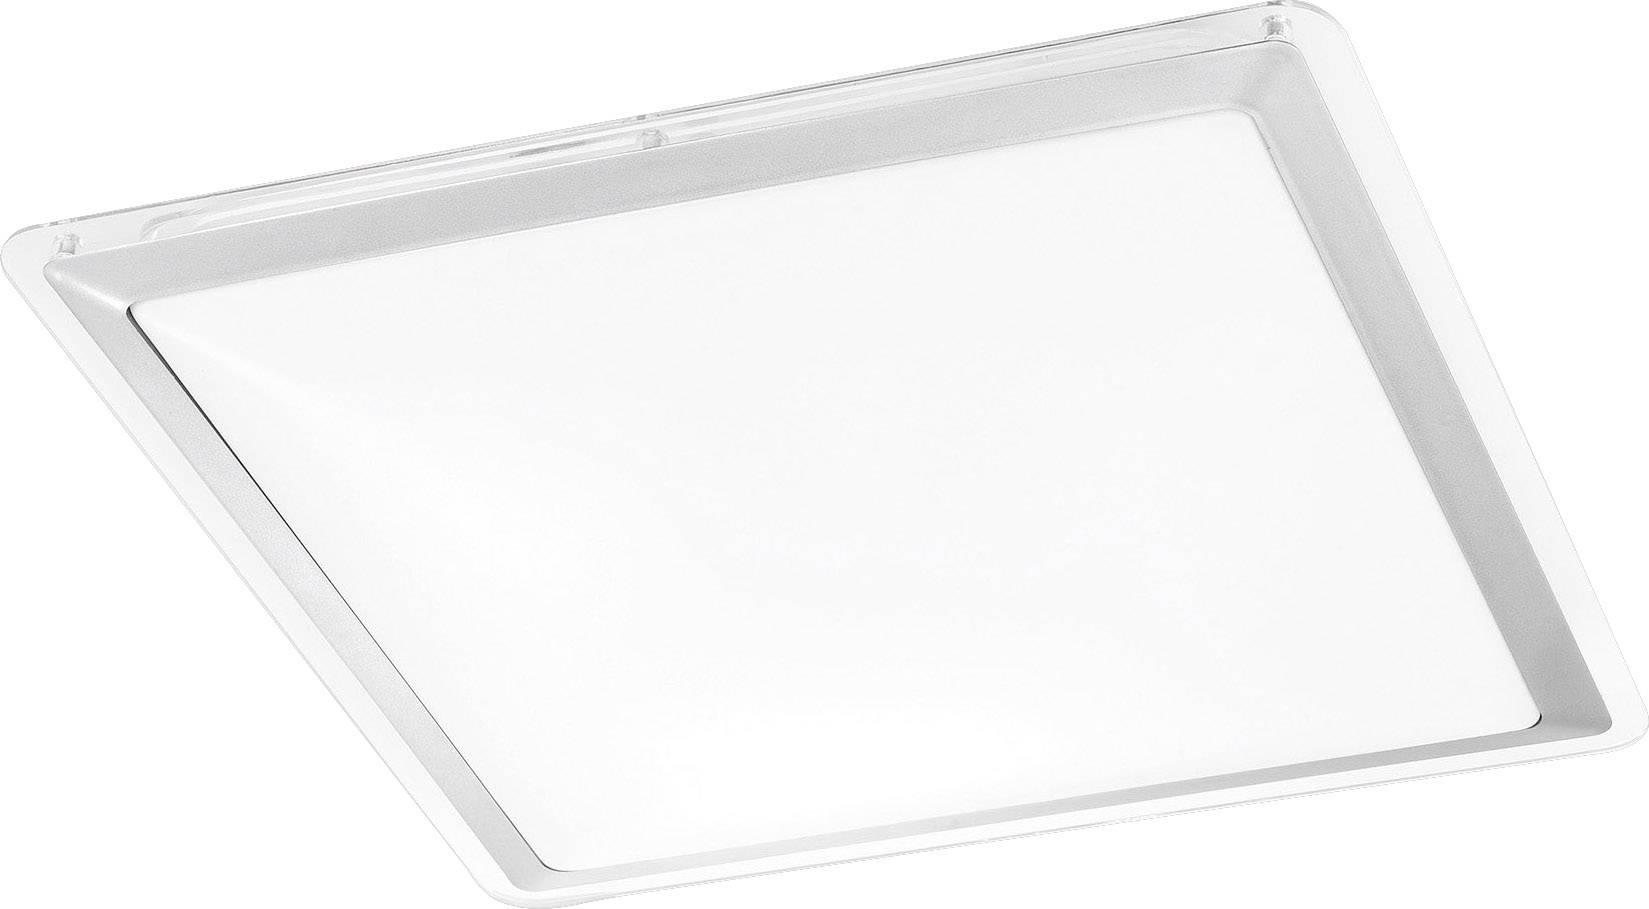 LED koupelnové stropní světlo LeuchtenDirekt Labol 14267-55, 12 W, teplá bílá, ocelová